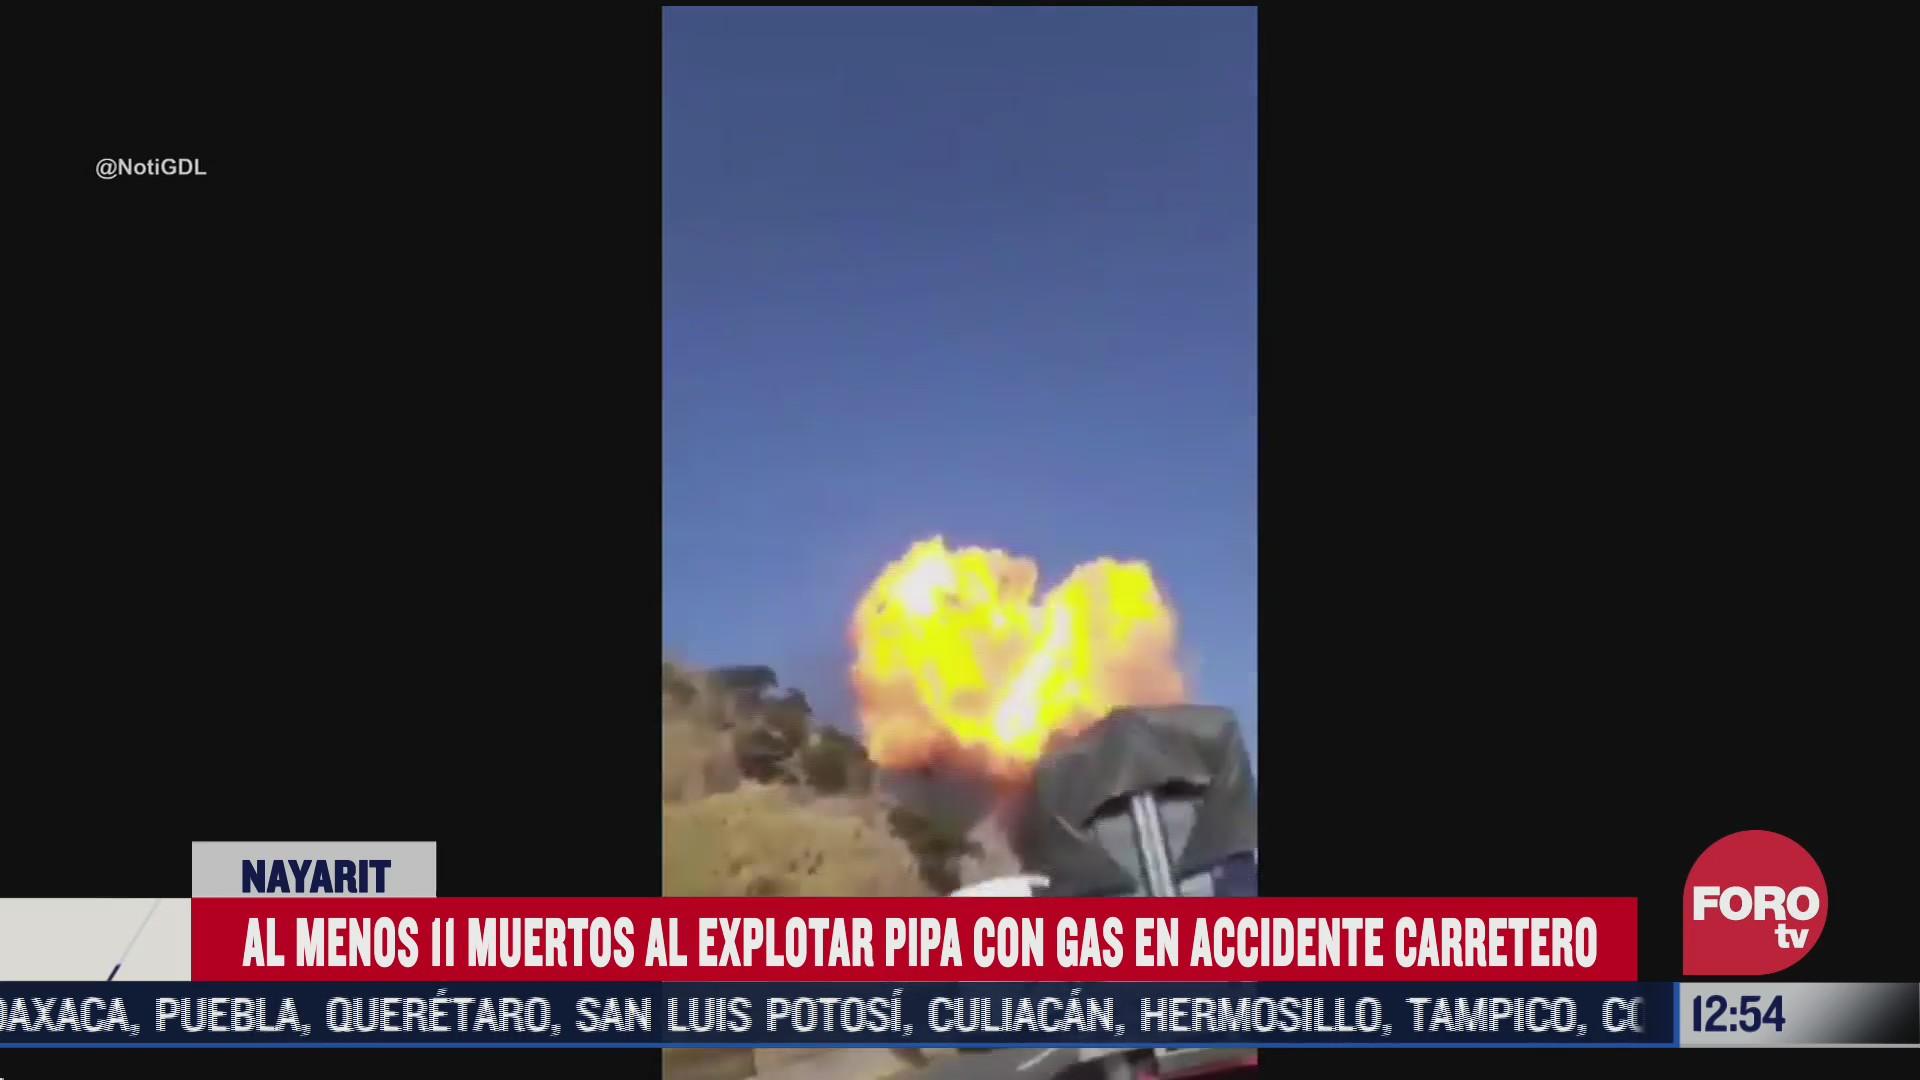 explota pipa con gas en nayarit hay 11 muertos